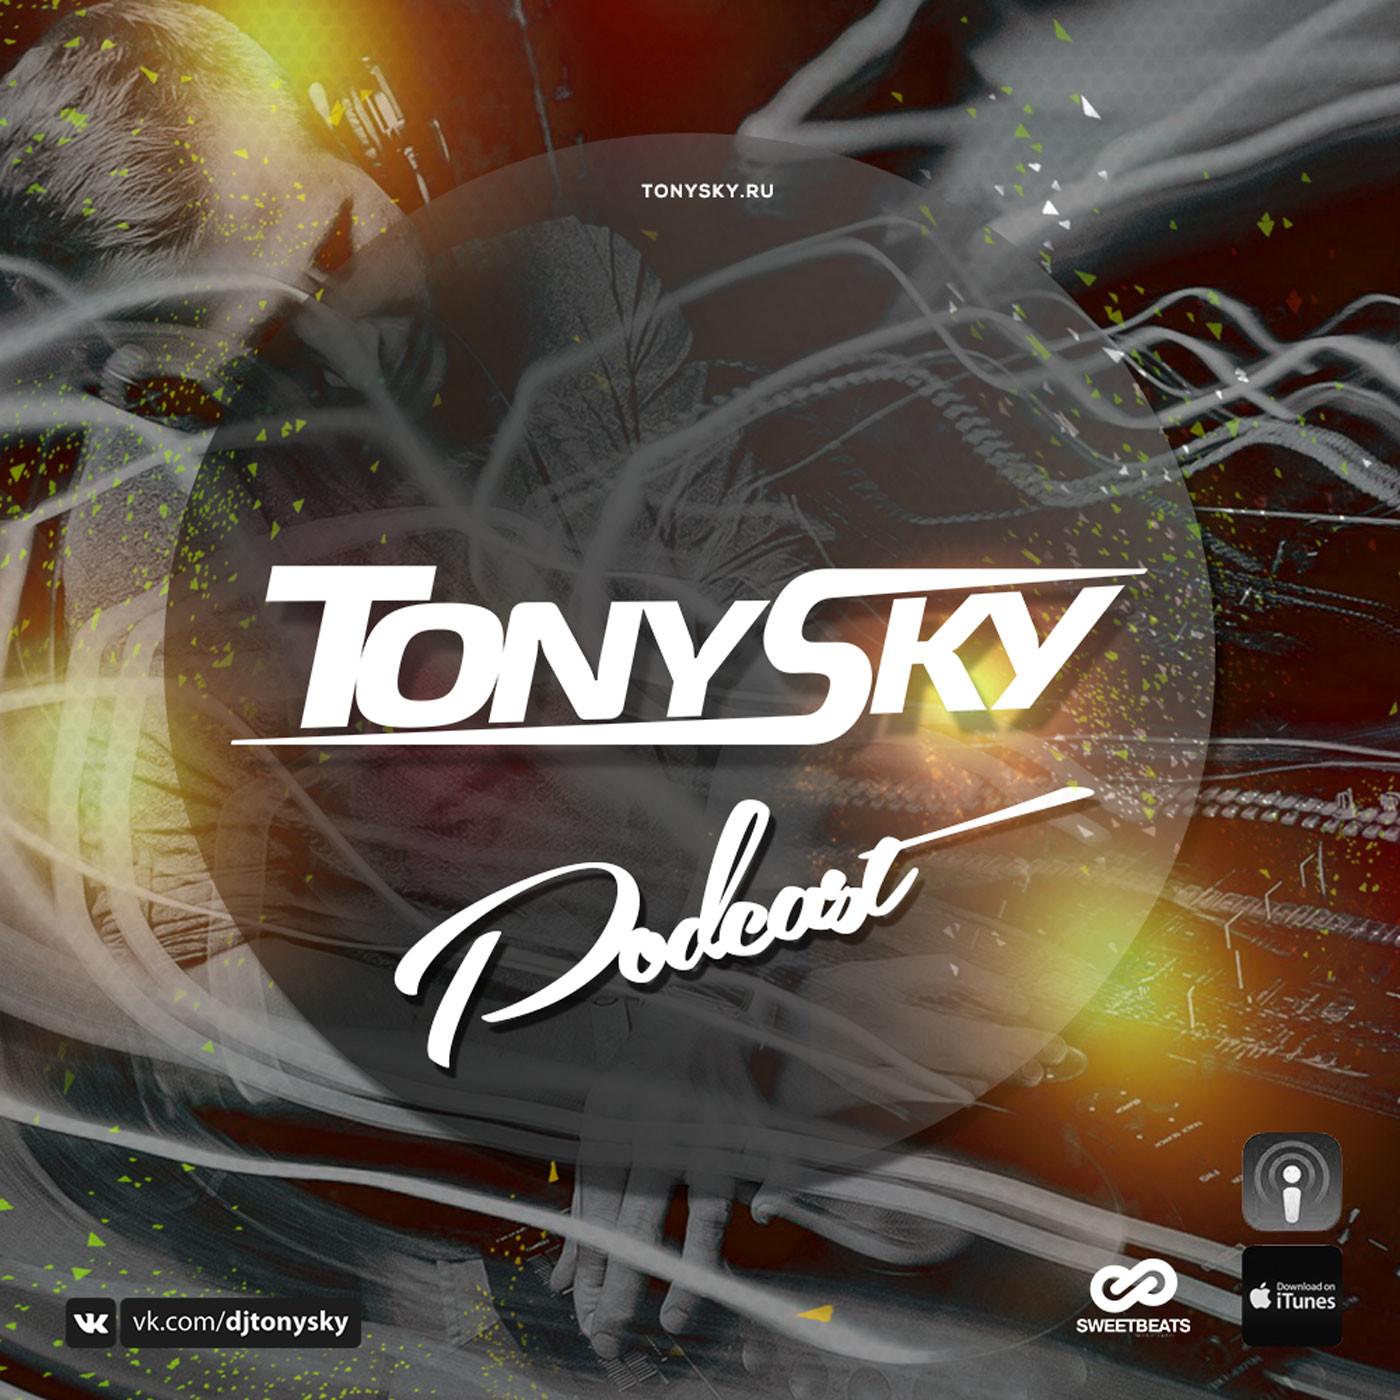 Tony Sky (Sweet Beats)